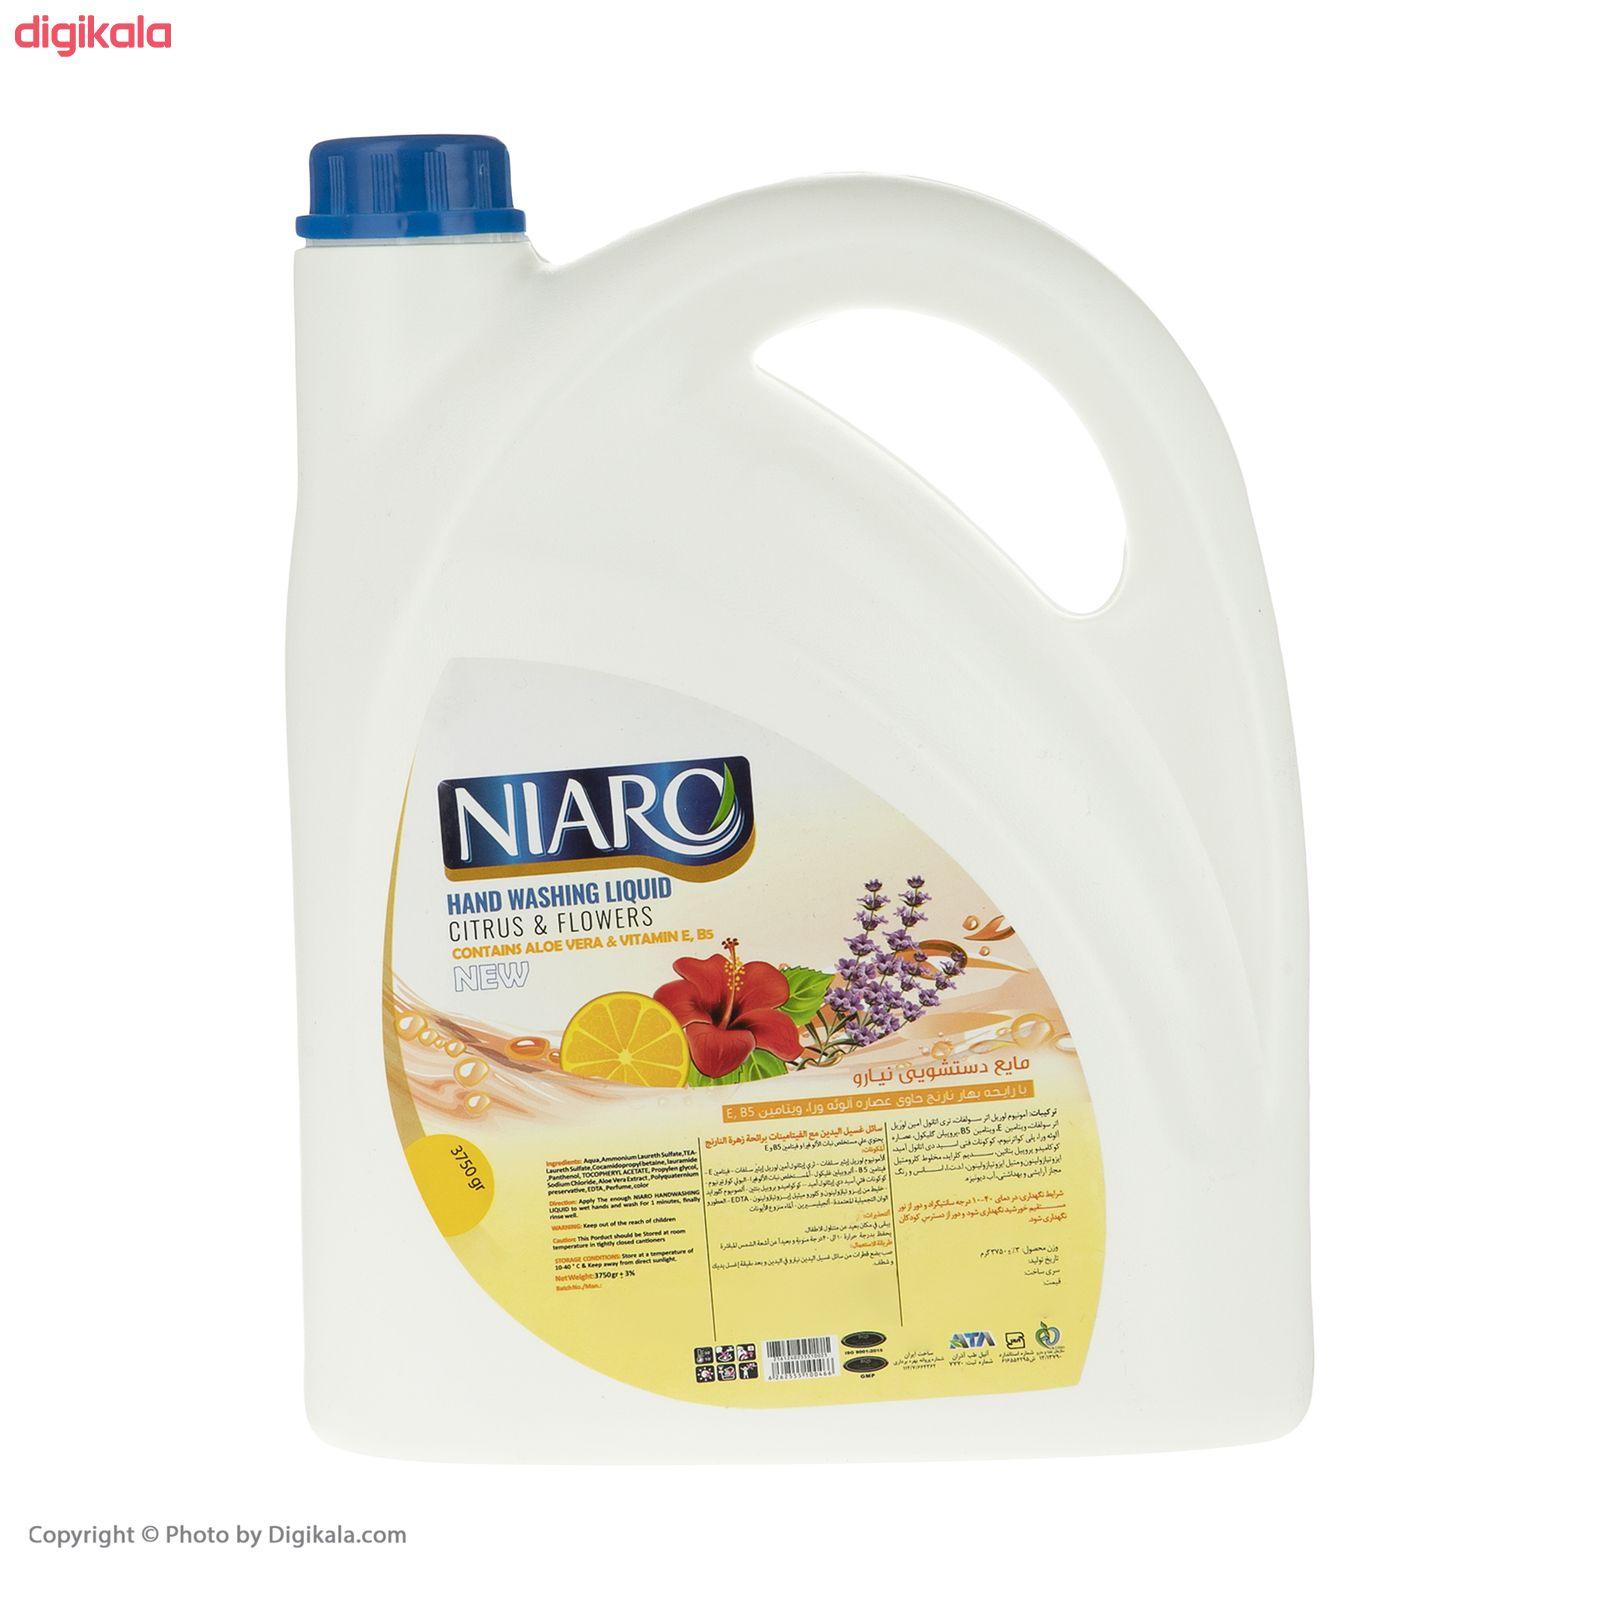 مایع دستشویی نیارو مدل بهارنارنج حجم 3750 گرم main 1 3